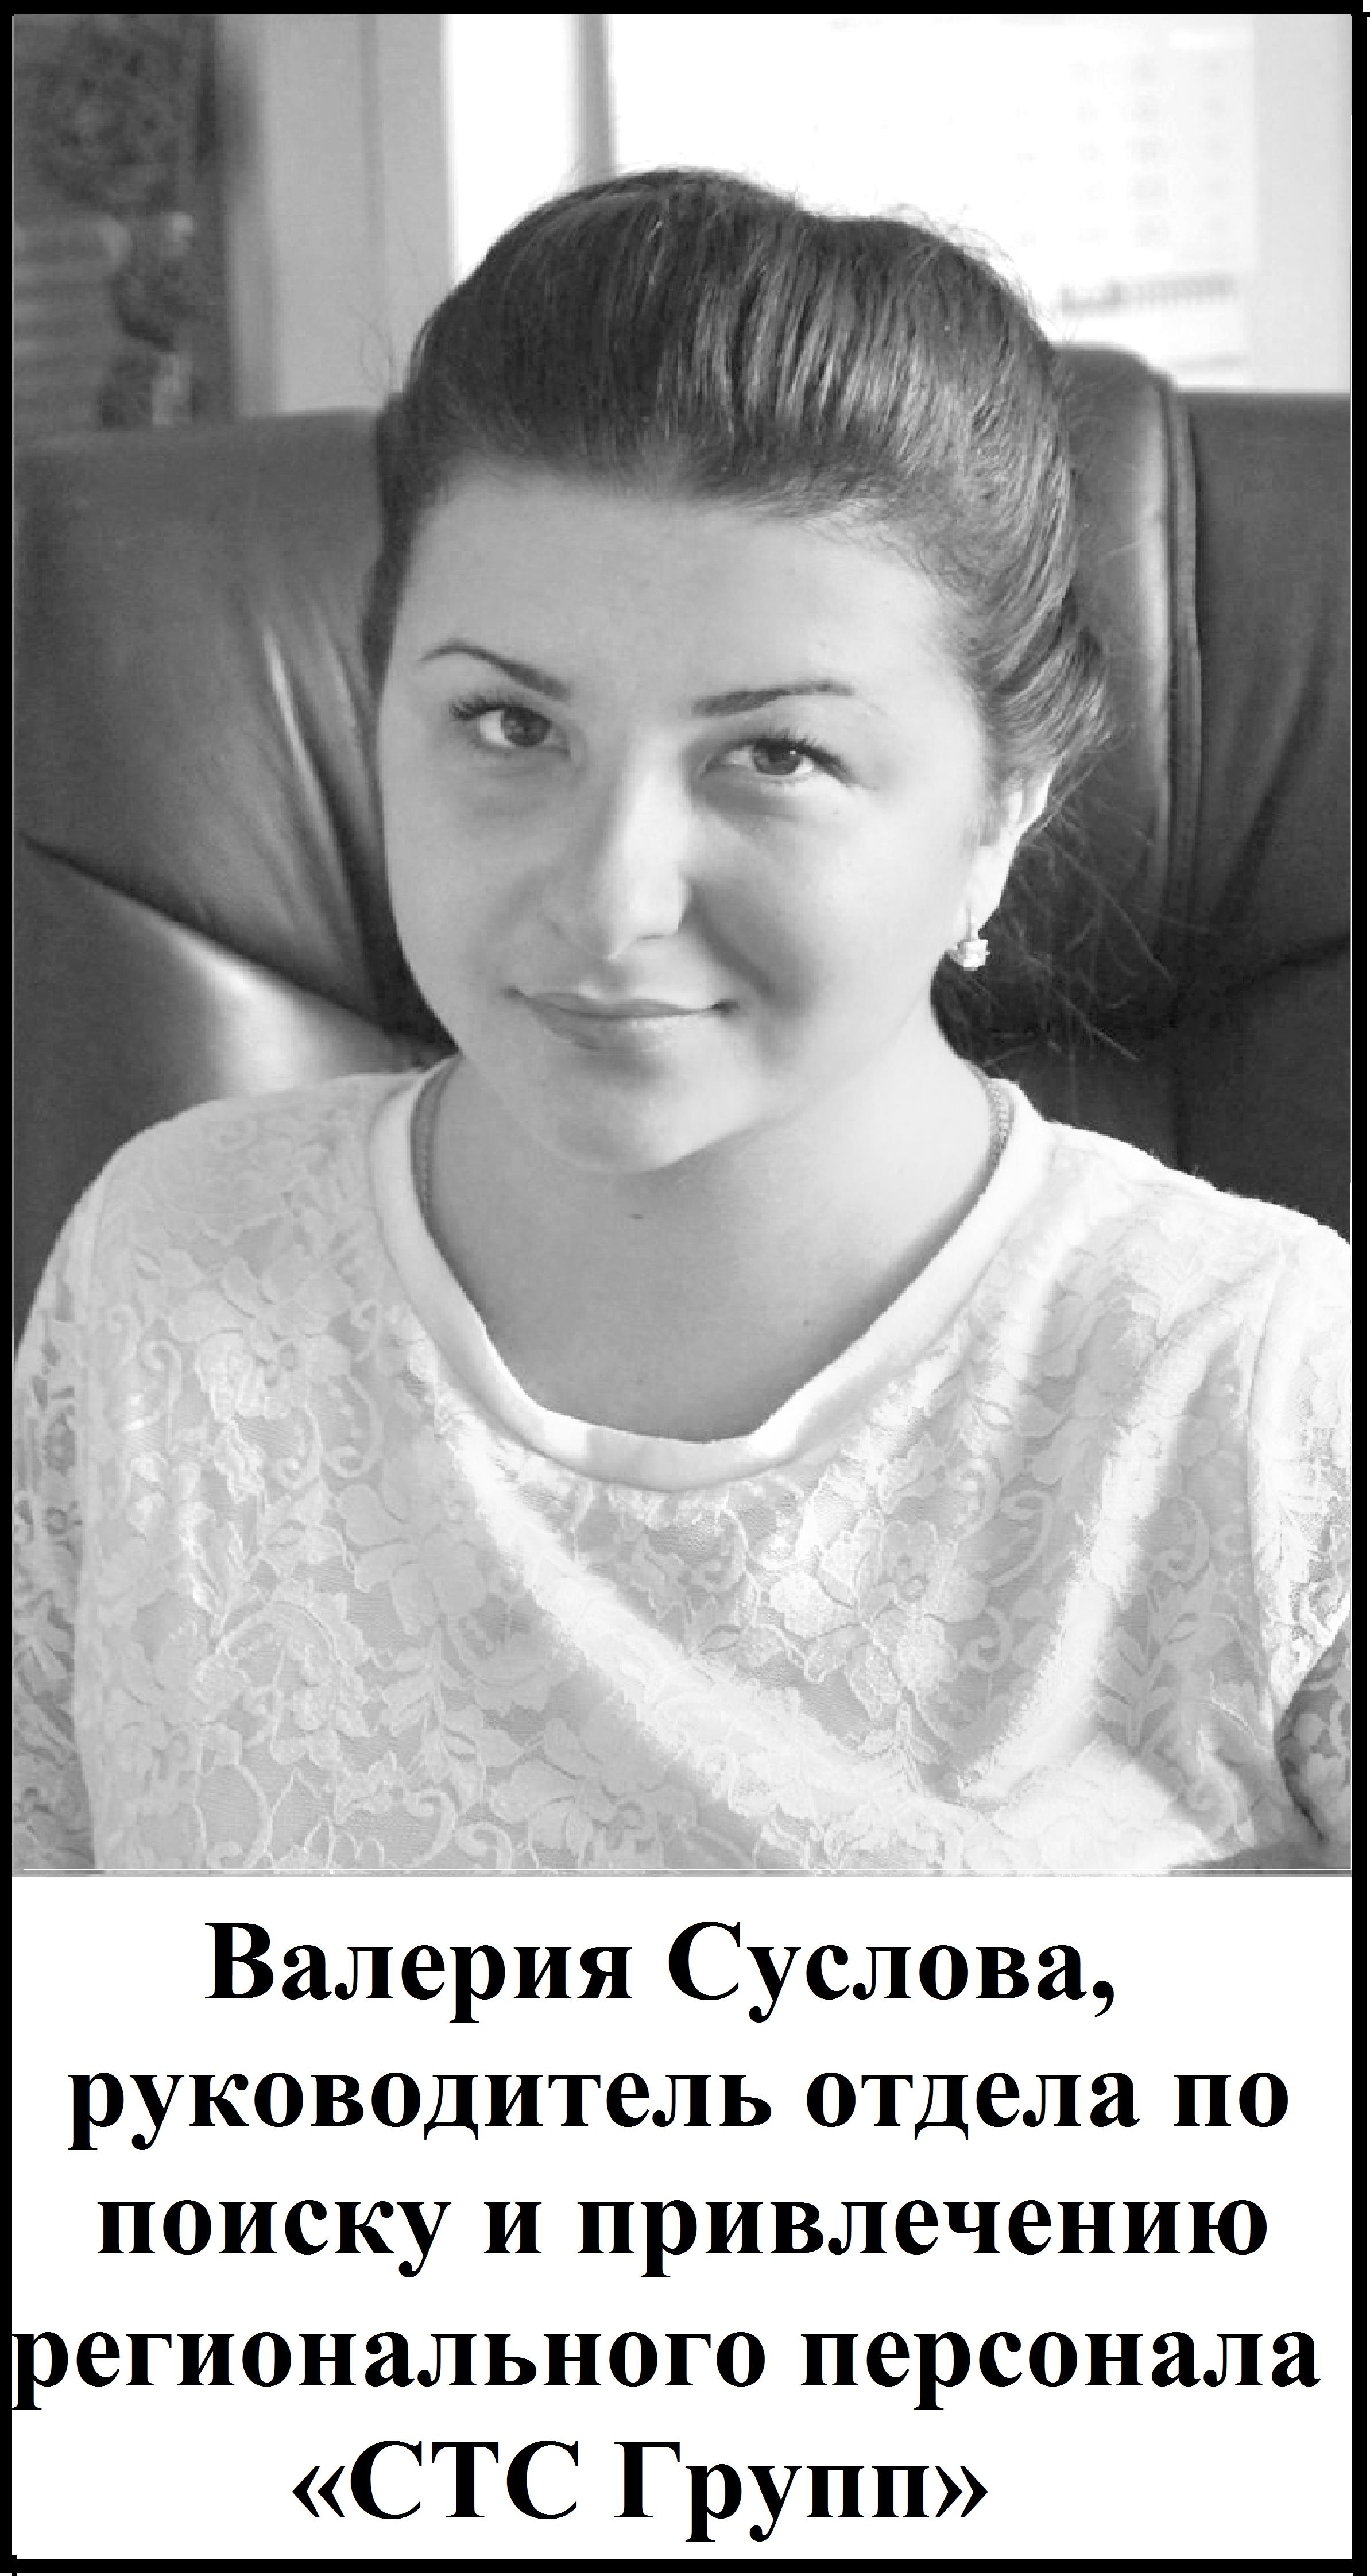 Валерия Суслова, руководитель отдела по поиску и привлечению регионального персонала «СТС Групп»